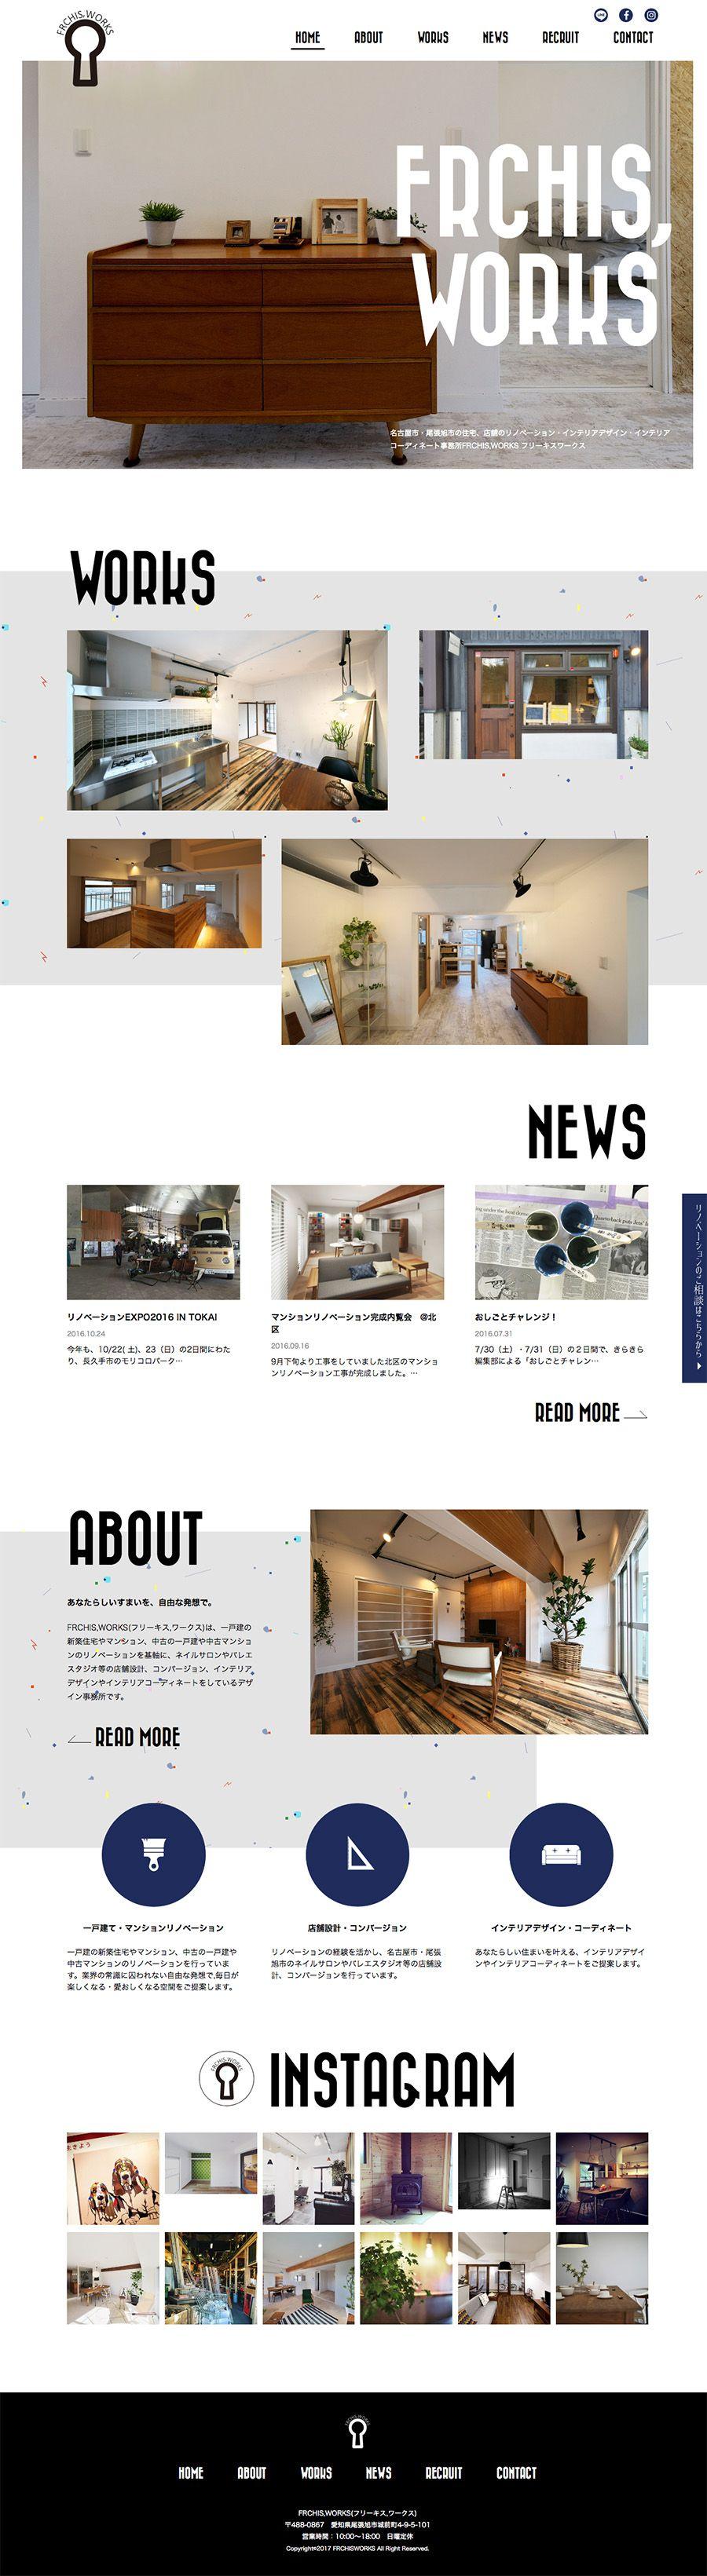 リノベーションホームページデザイン #ホームページ #デザイン #名古屋